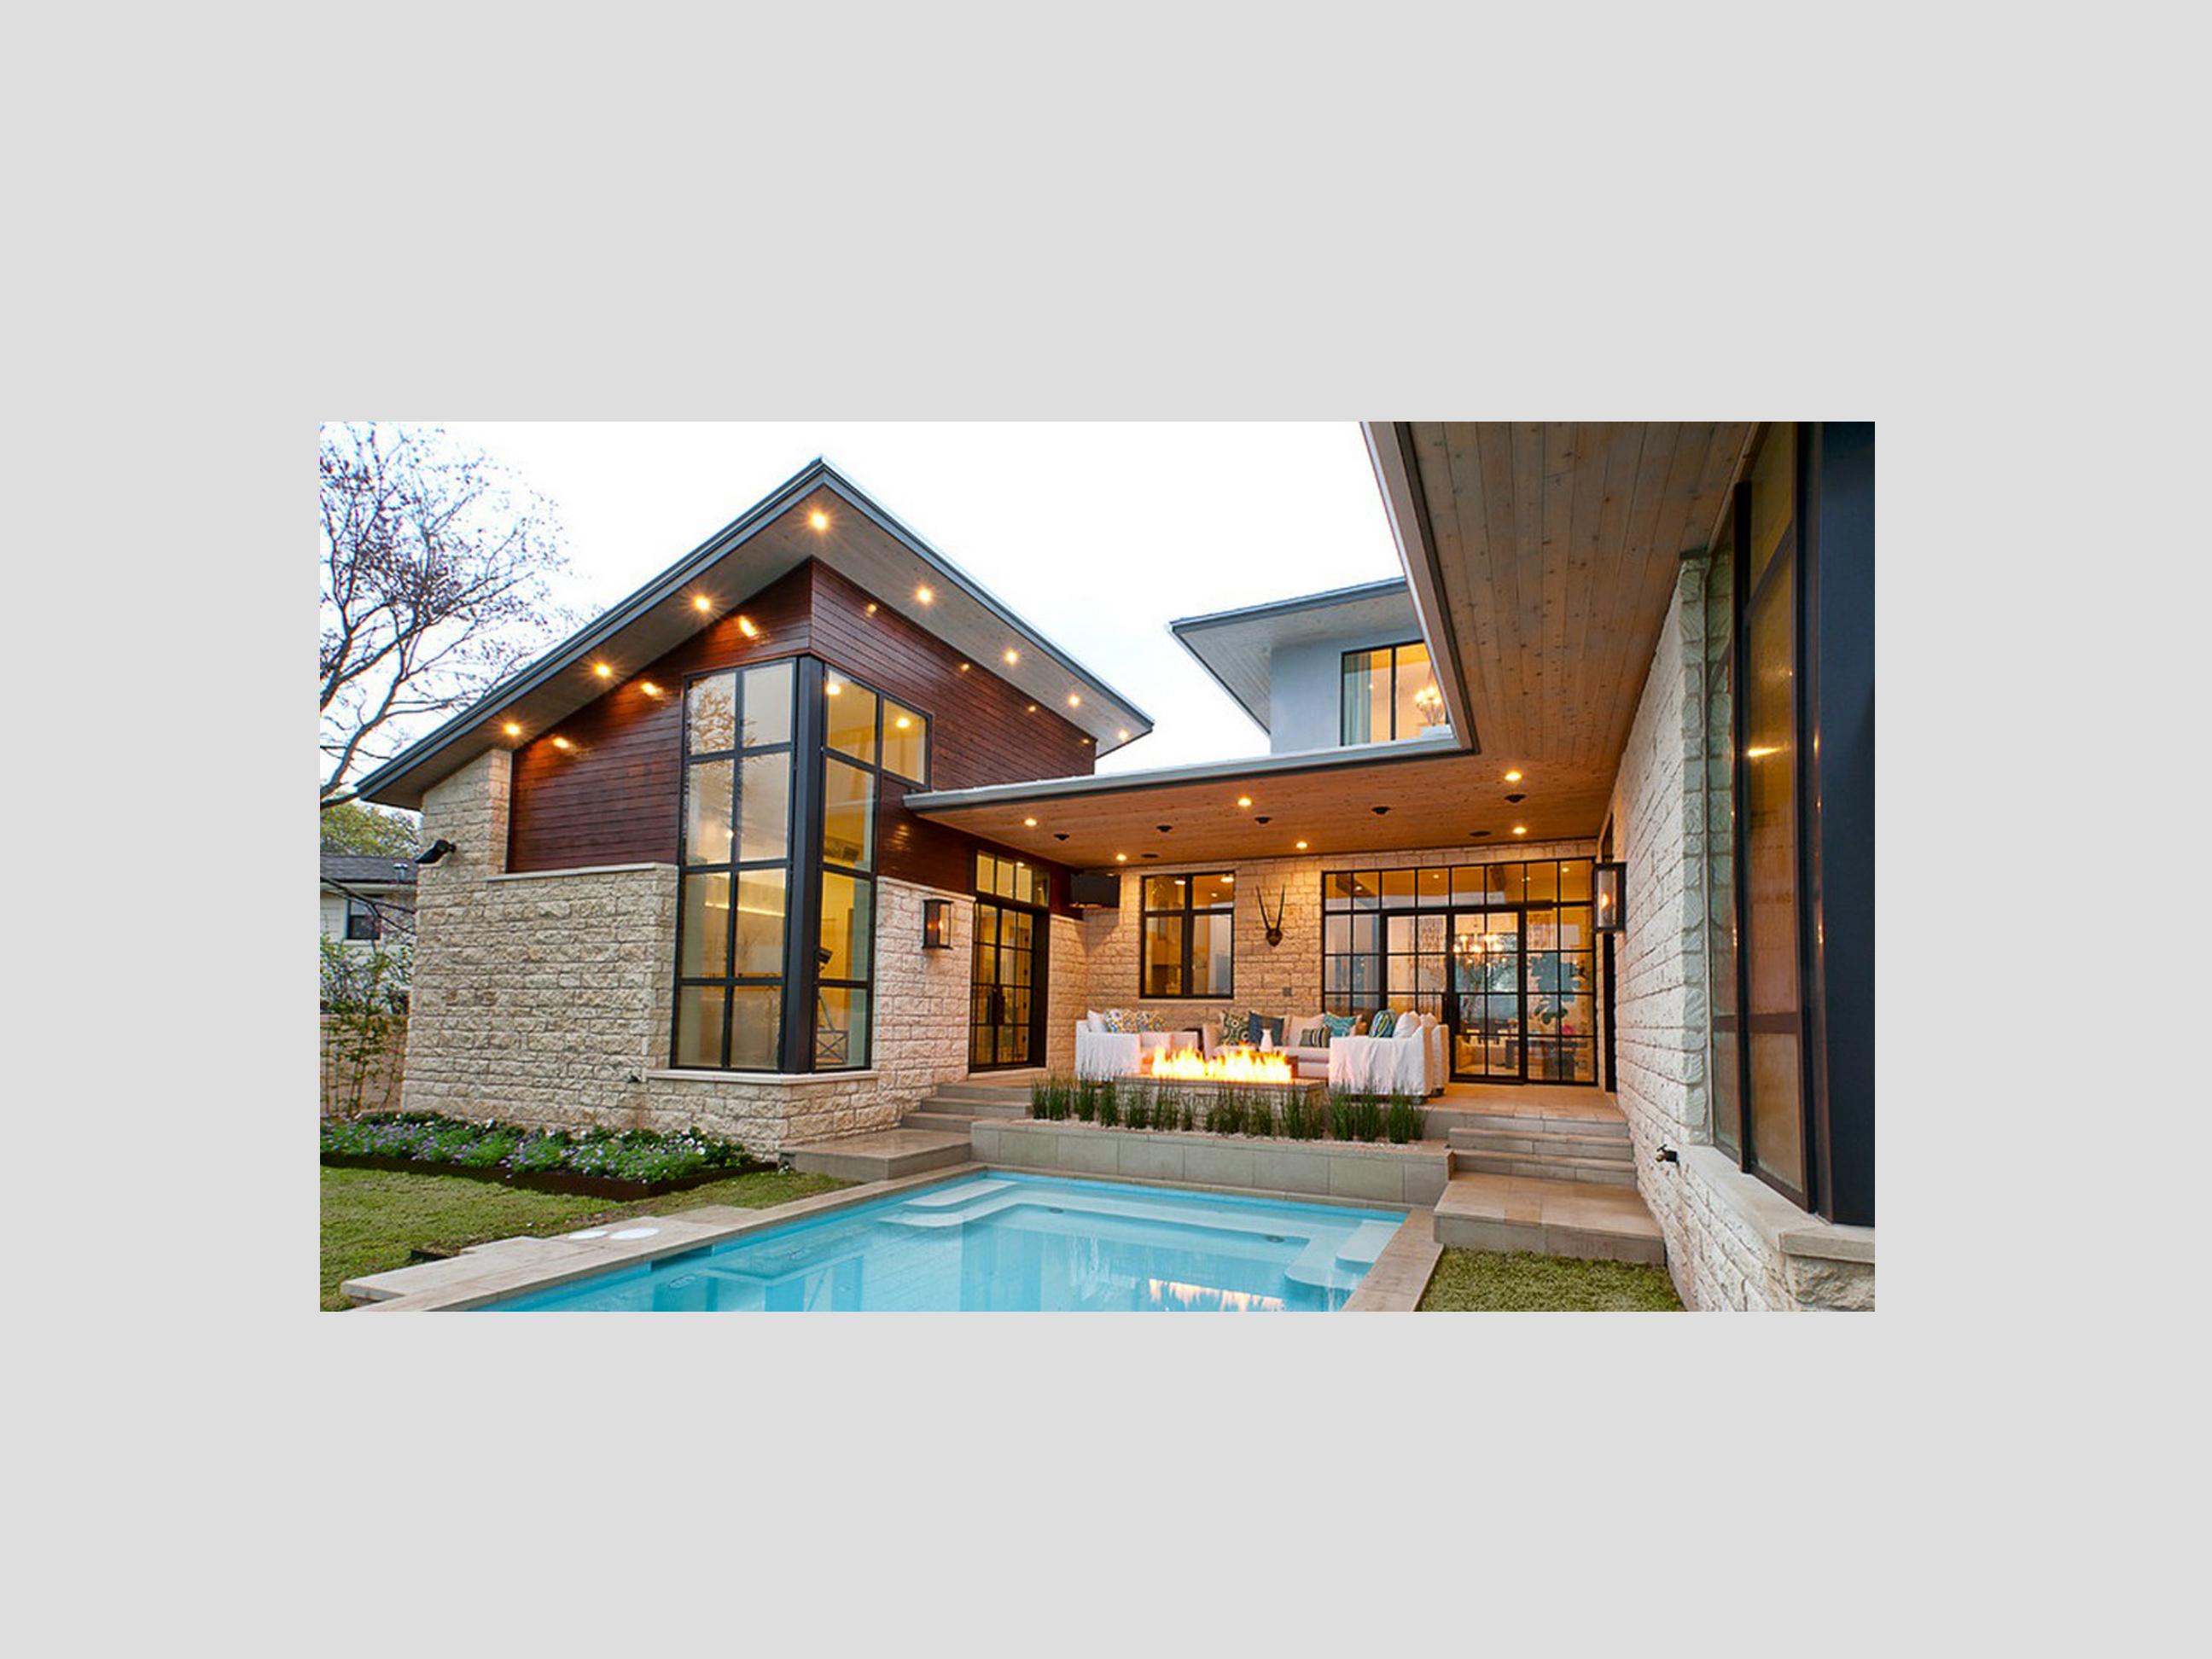 Villa di lusso in legno